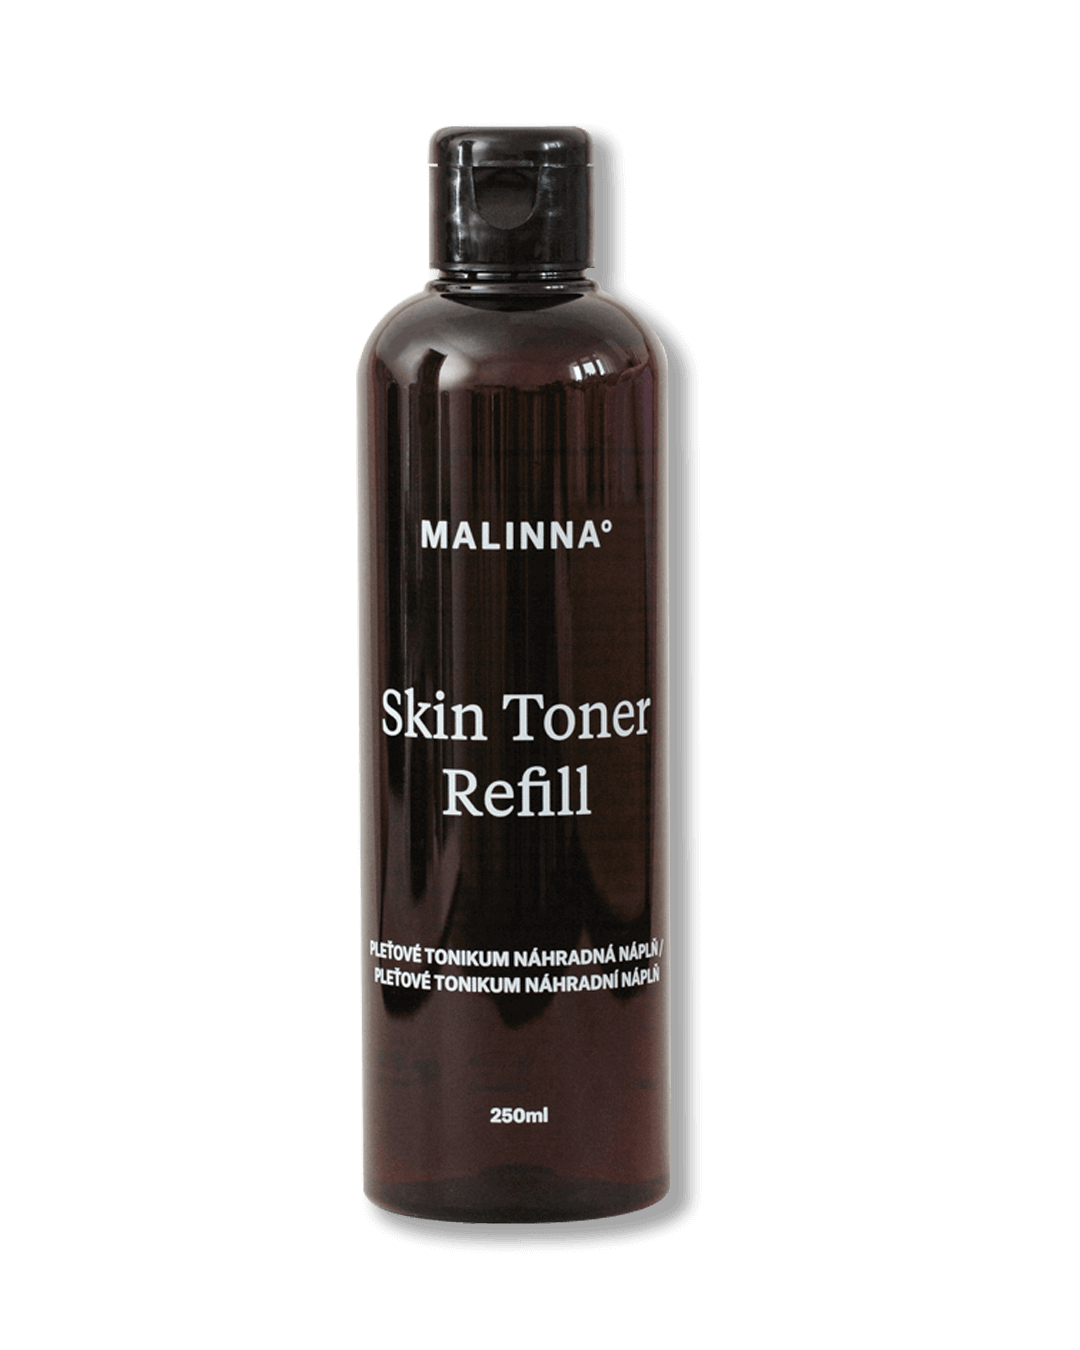 Skin Toner Refill